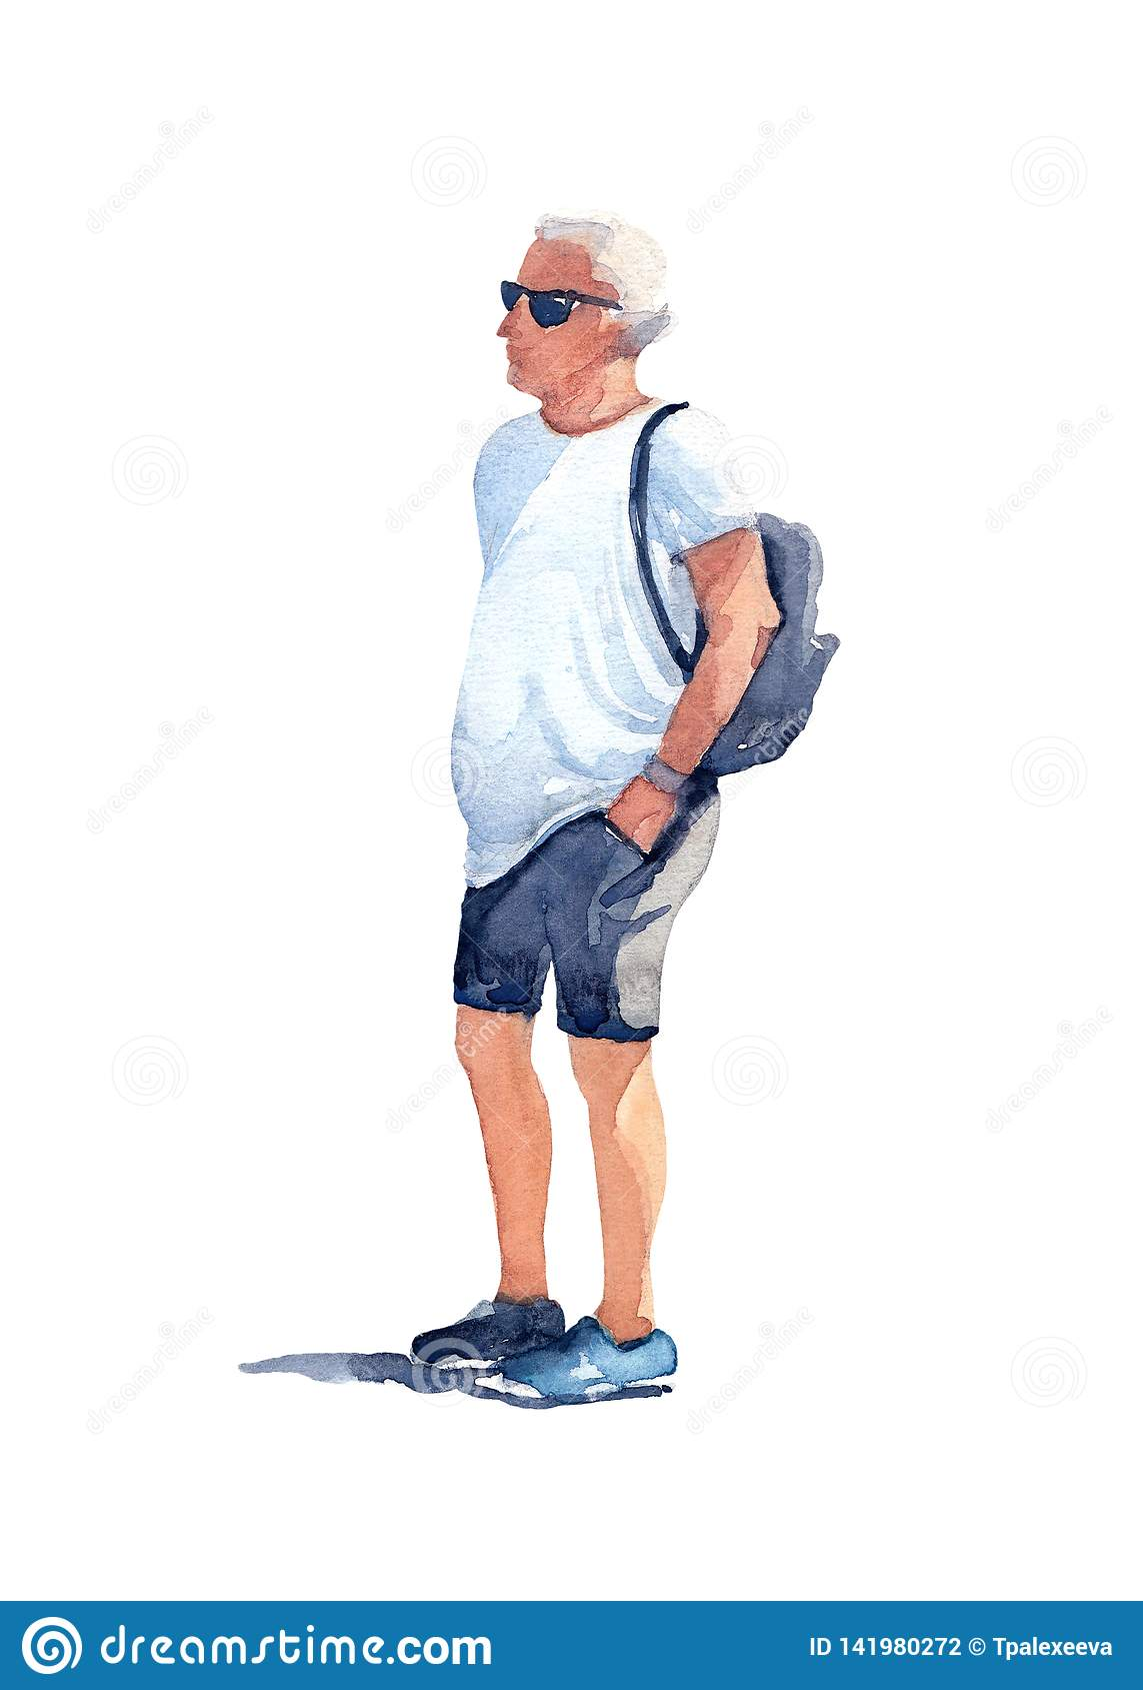 Mens in zwarte zonnebril, witte t-shirt, grijze borrels en blauwe tennisschoenen met een zwarte rugzak op zijn rug op een zonnige